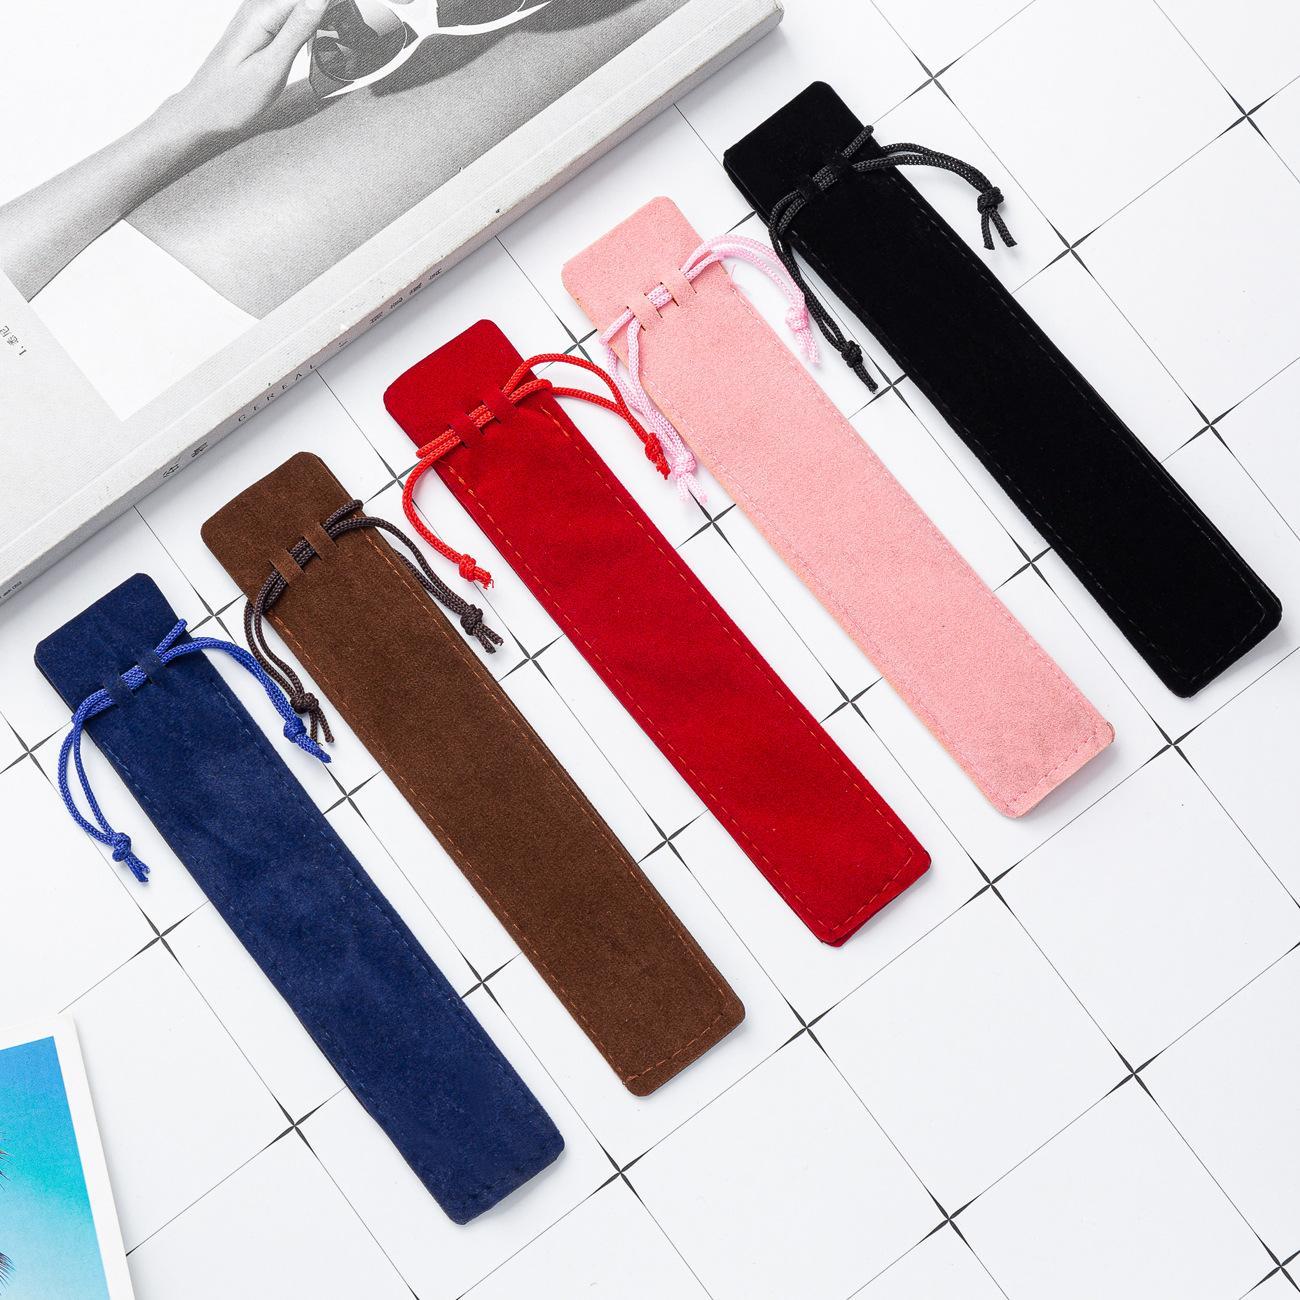 التصميم الإبداعي القطيفة المخملية القلم الحقيبة حامل واحدة حقيبة رصاص حالة القلم مع حبل مكتب مدرسة الكتابة لوازم الطلاب هدايا عيد الميلاد